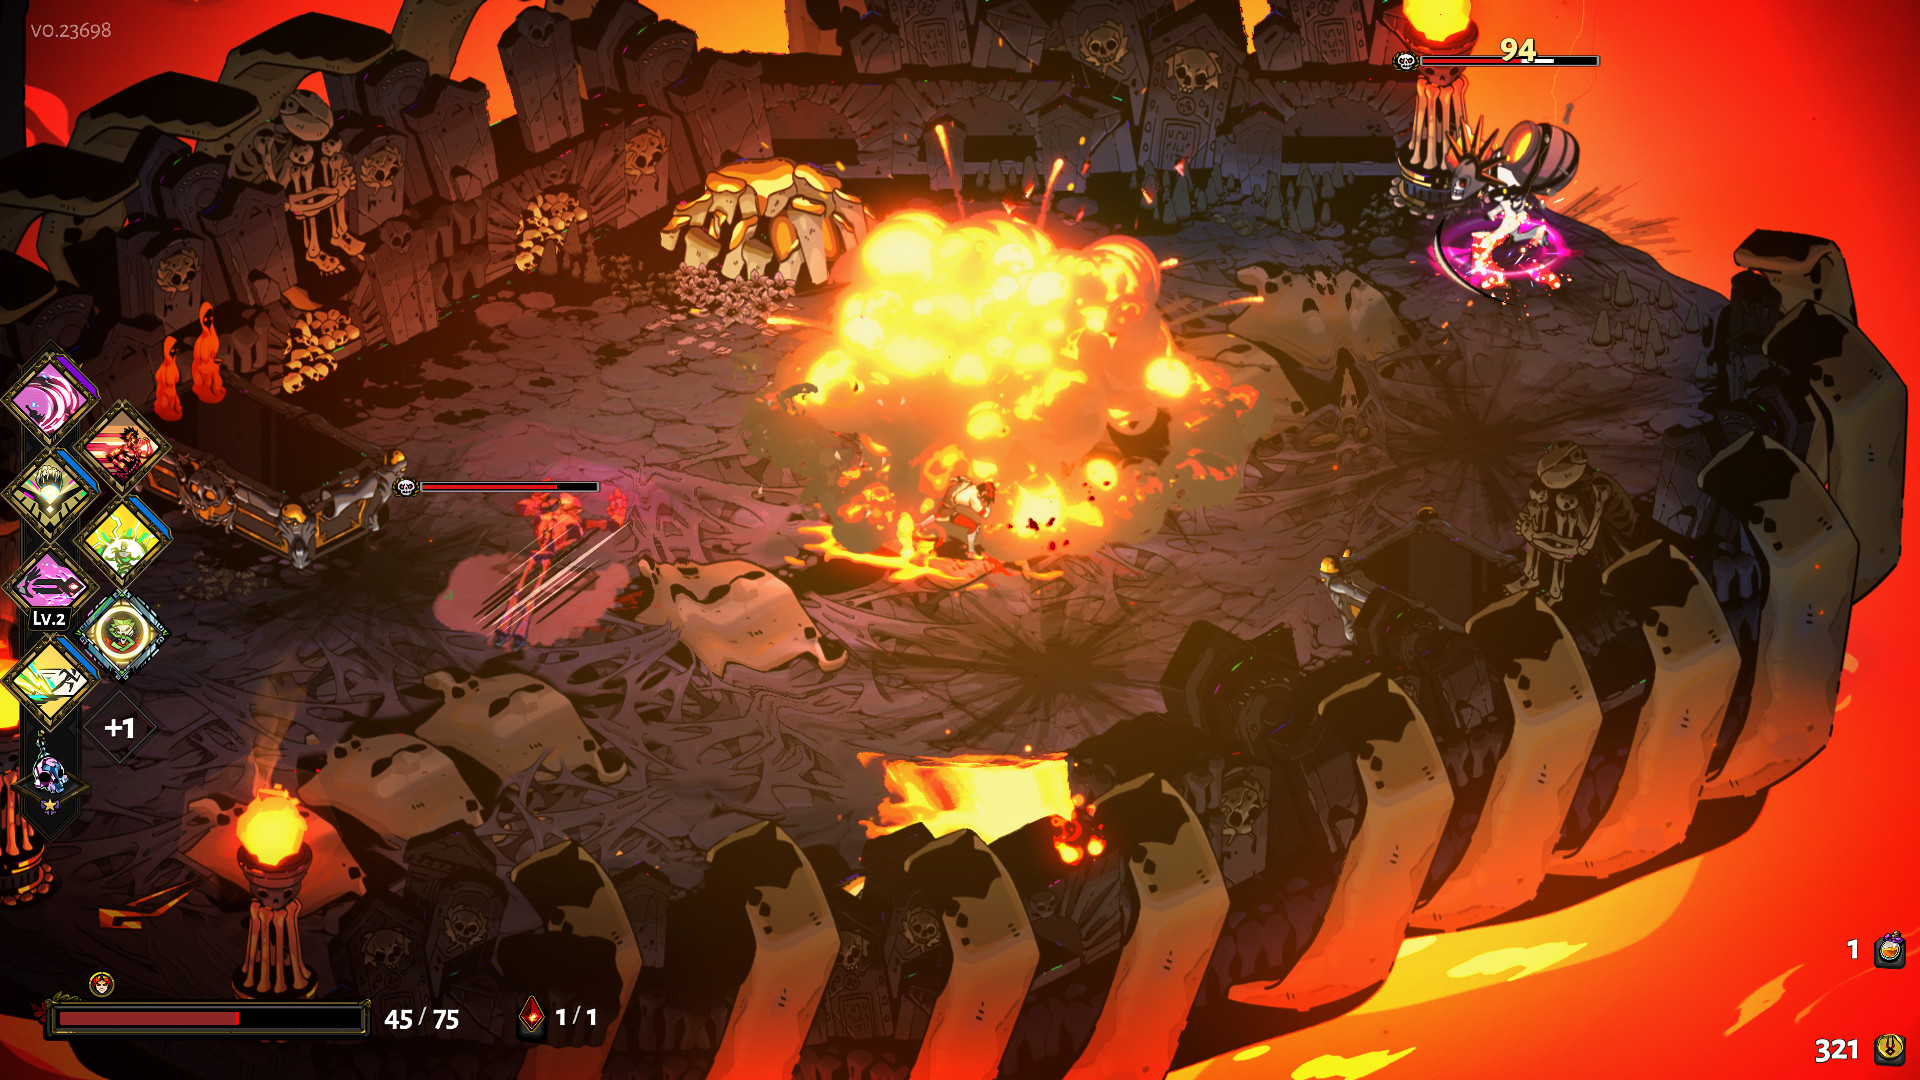 哈迪斯:杀出地狱/哈迪斯地狱之战/黑帝斯 新版v1.37133/Hades: Battle Out of Hell(更新v1.37133)插图5